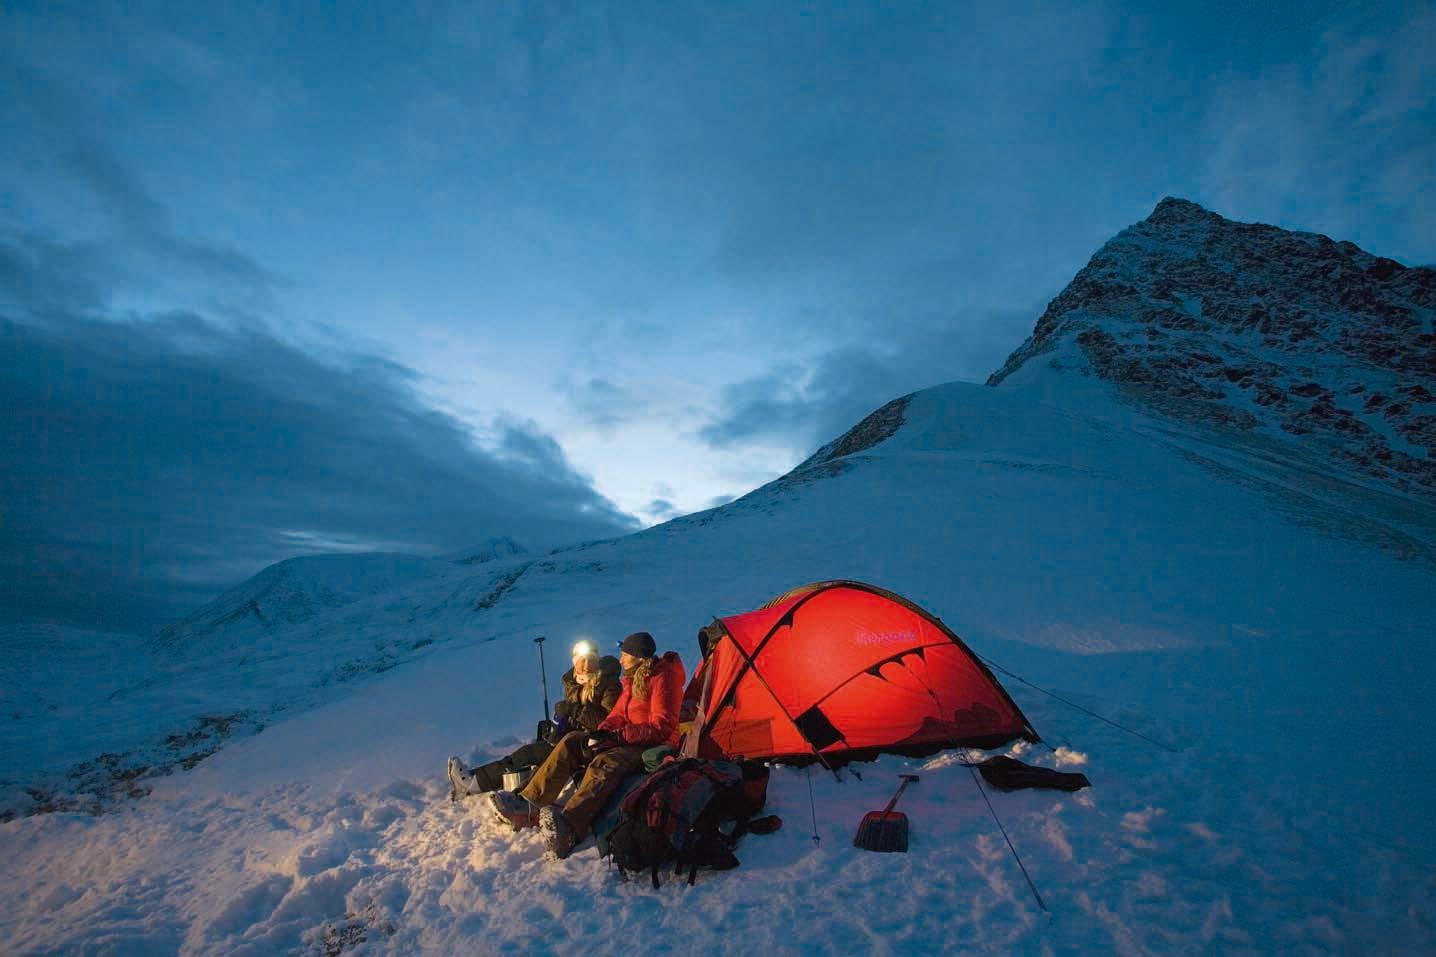 Die Nacht kann kommen - Zelte im Test